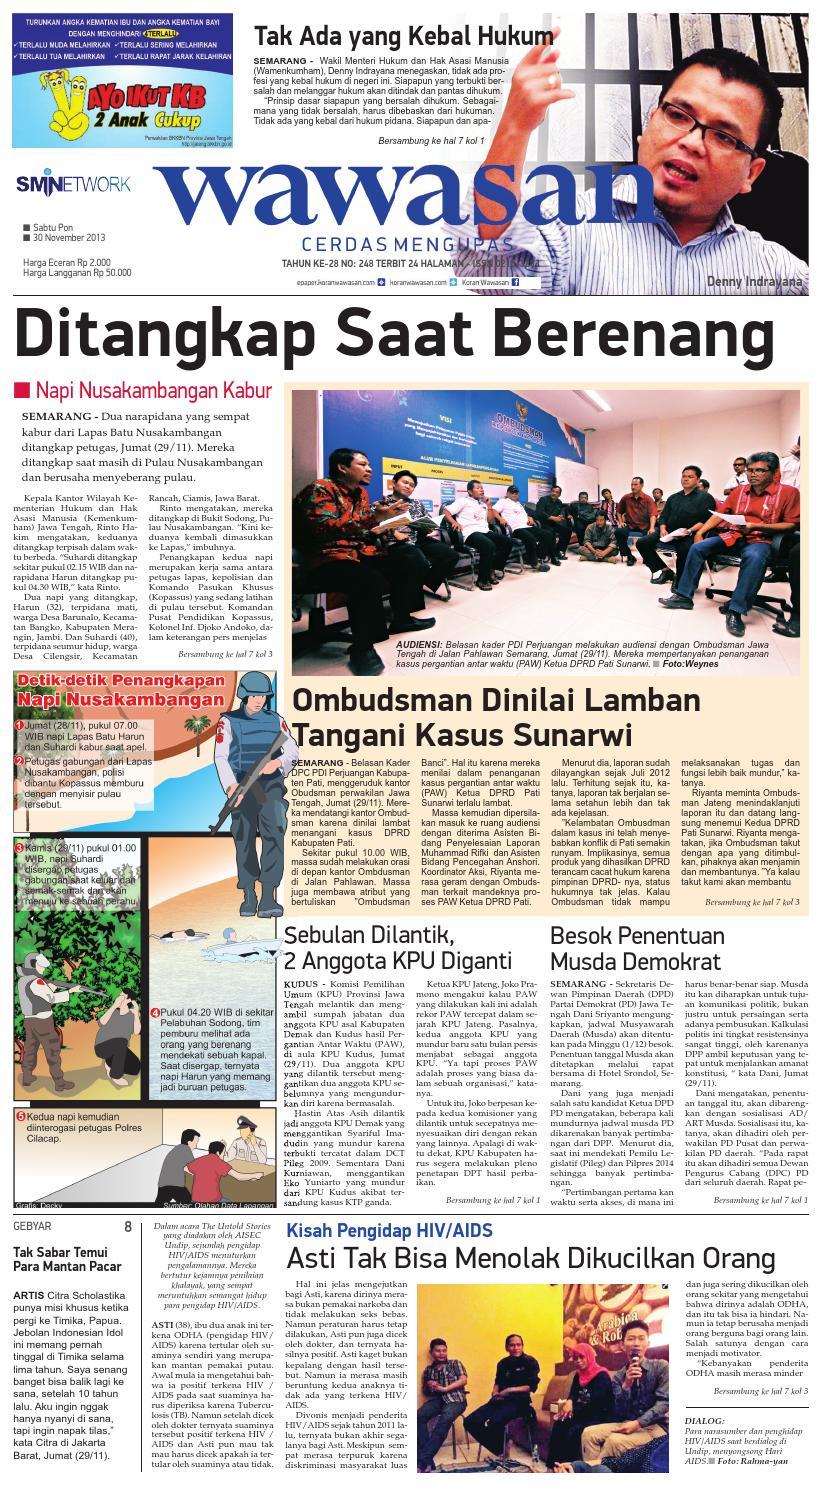 Wawasan 30 Nopember 2013 By Koran Pagi Issuu Produk Ukm Bumn Kain Batik Middle Premium 3 Bendera 01